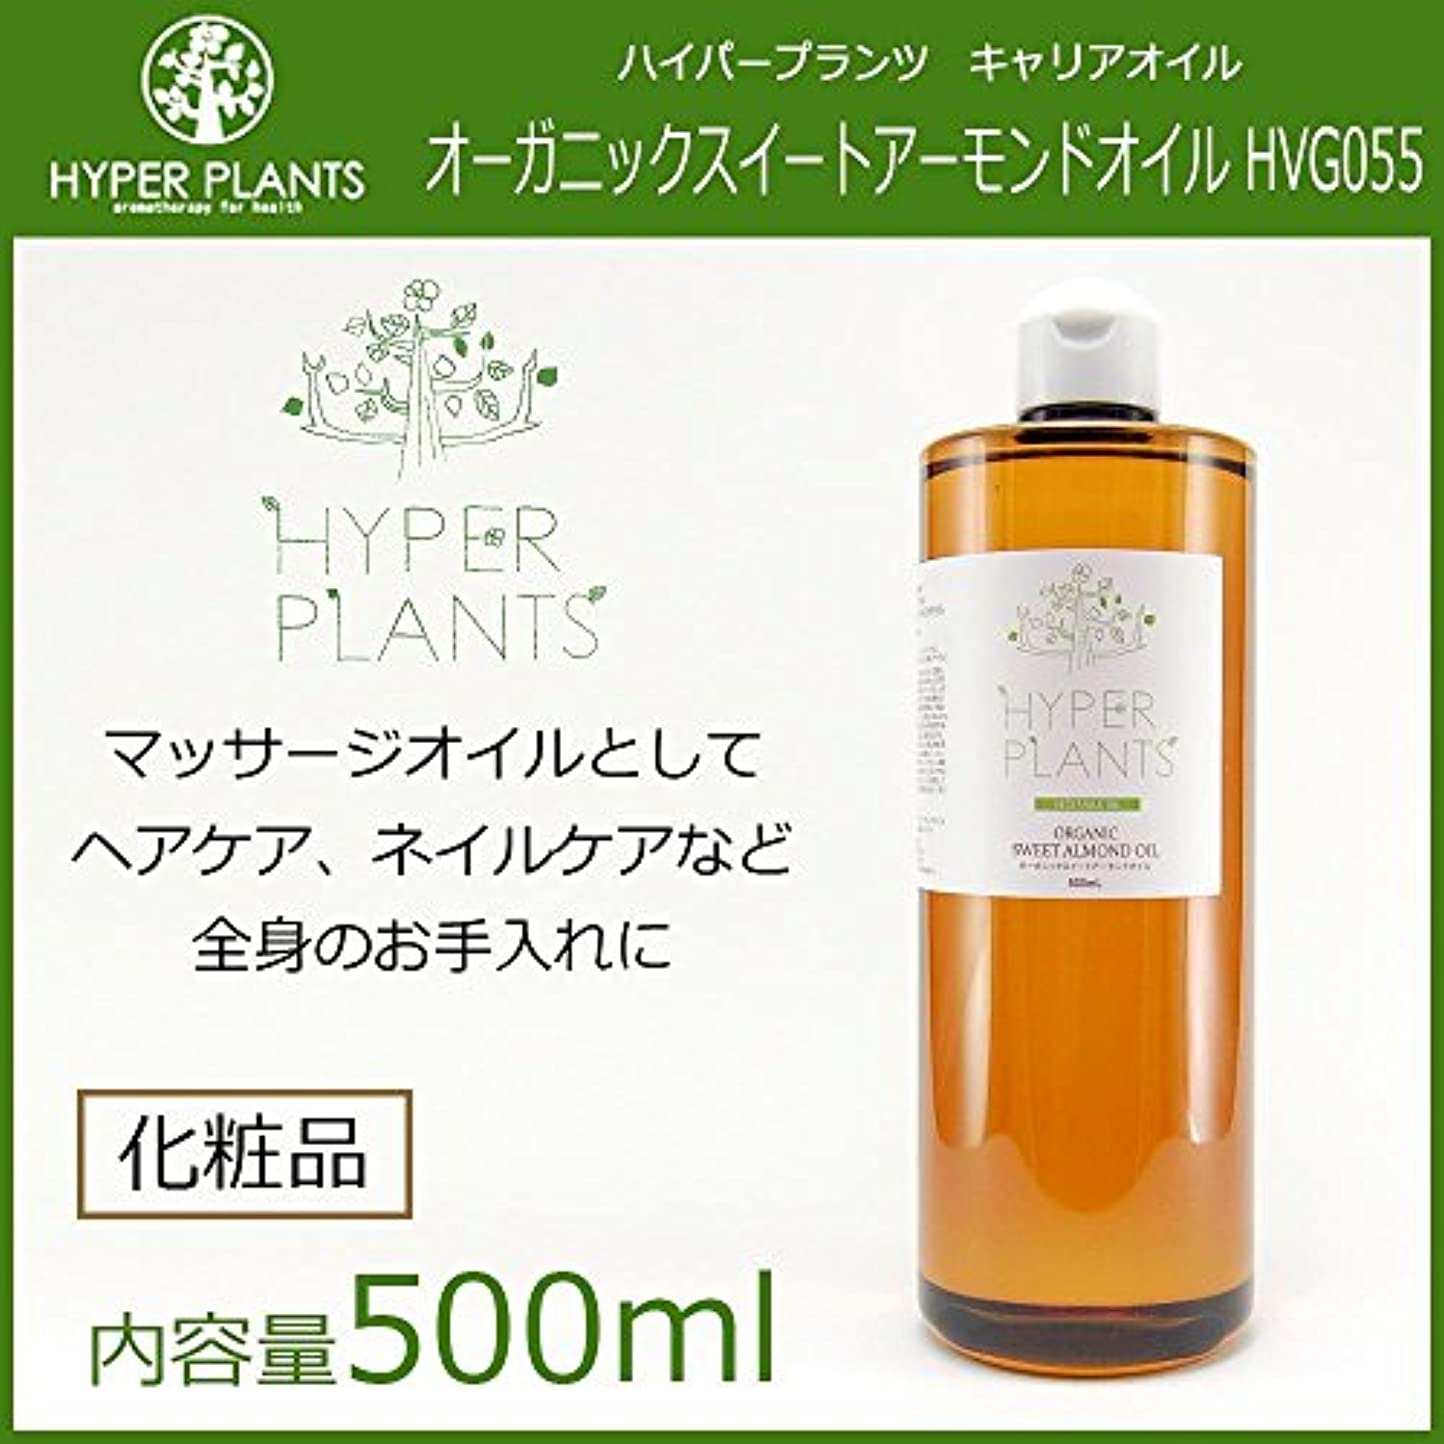 HYPER PLANTS ハイパープランツ キャリアオイル オーガニックスイートアーモンドオイル 500ml HVG055